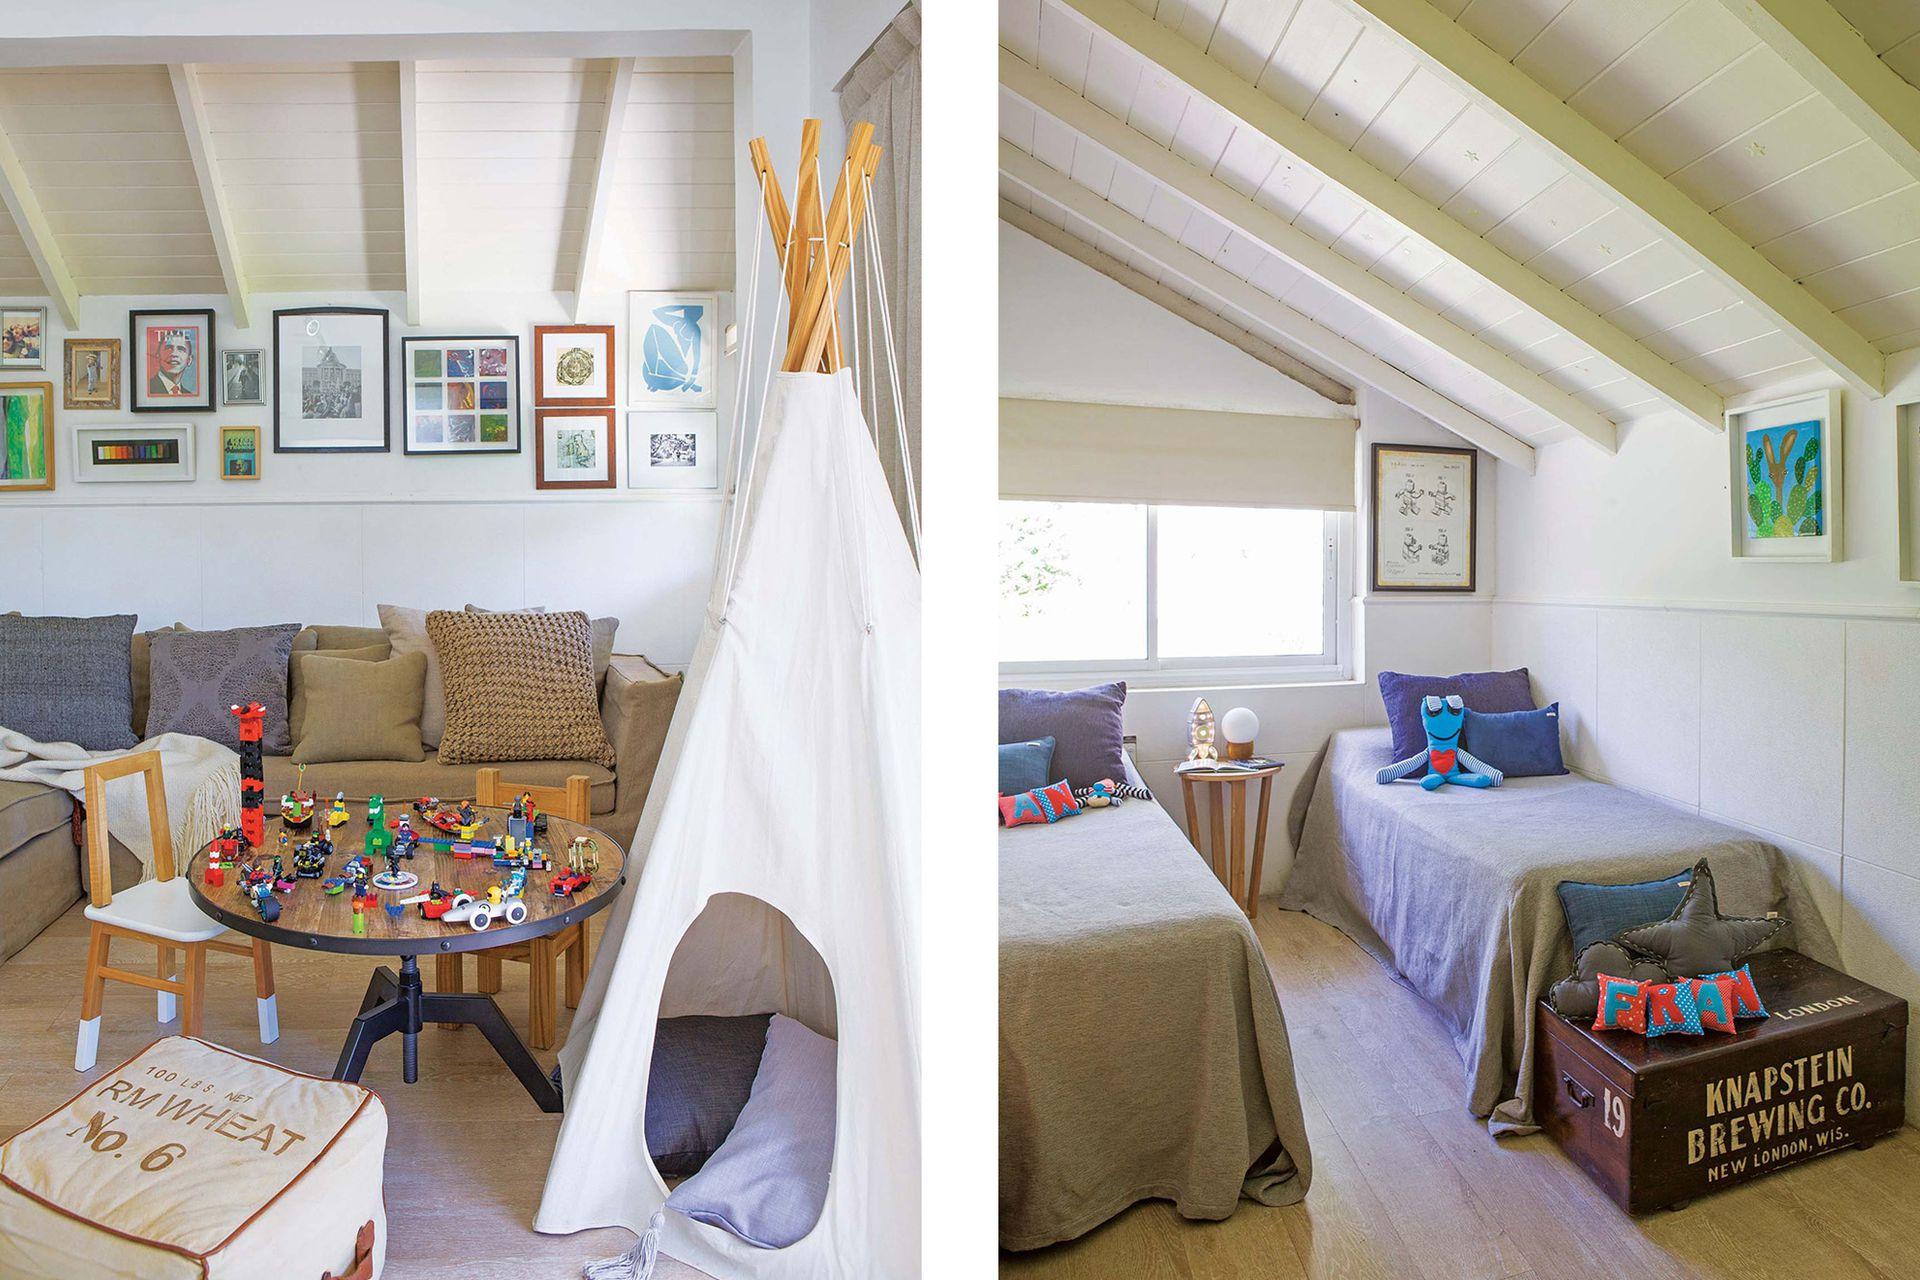 En el playroom mesa de hierro y madera, puf de tela, sillón en L (Landmark). Almohadones y manta (todo de Cas a Cas). Carpa (Arredo). En el dormitorio, cubrecamas y almohadones (Huitrú). Muñecos de tela (Sopa de Príncipe). Mesa en paraíso (Chela Home). Cohete luminoso (Lucirte). Lámpara globo (I Wis